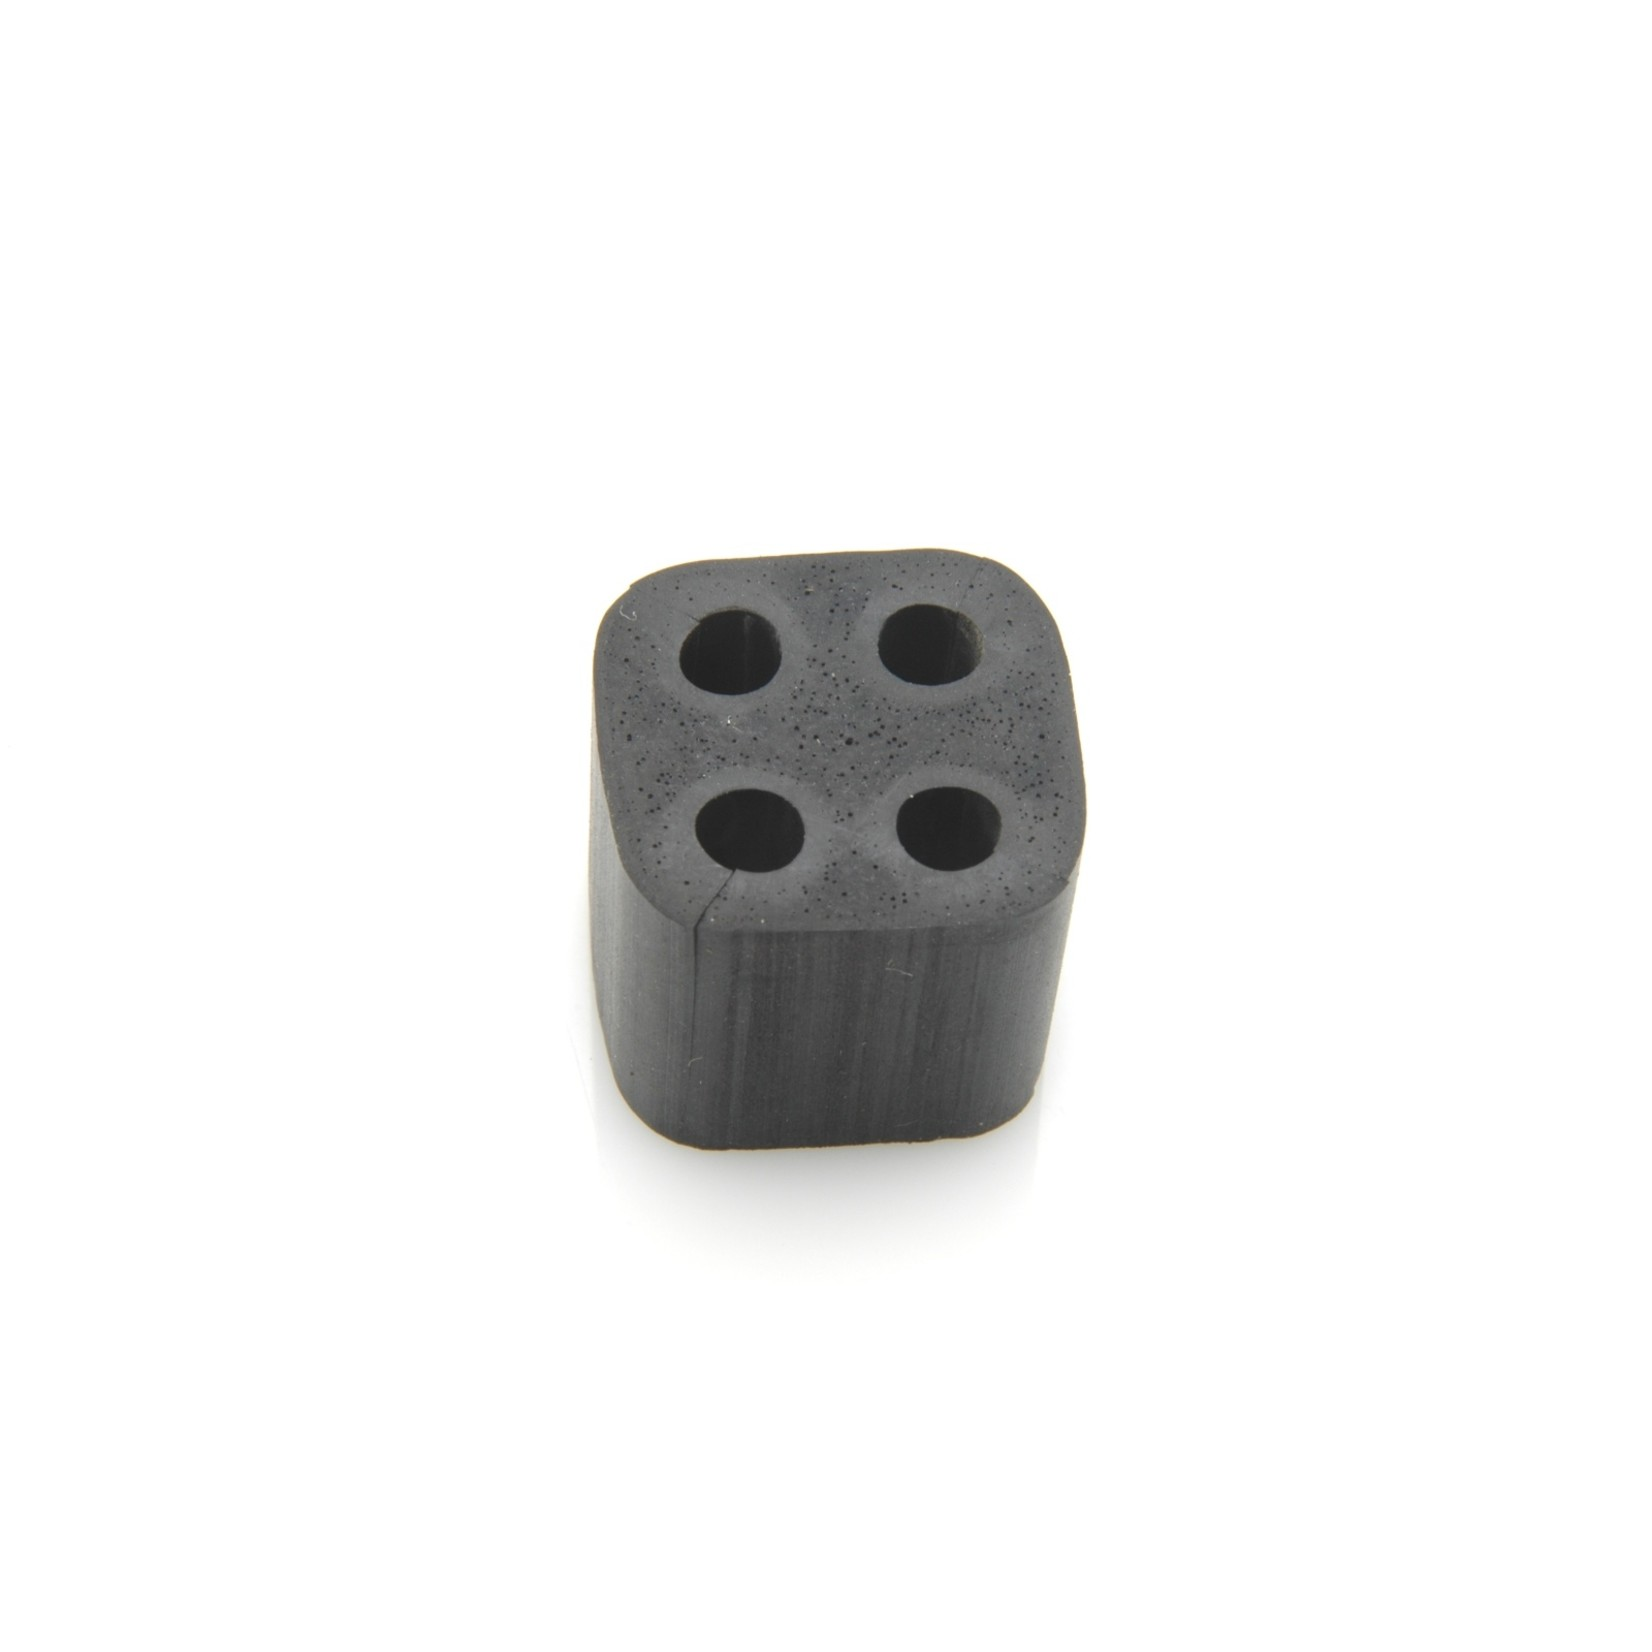 Montagerubber leidingbundel vierkant 4 x 4,5mm